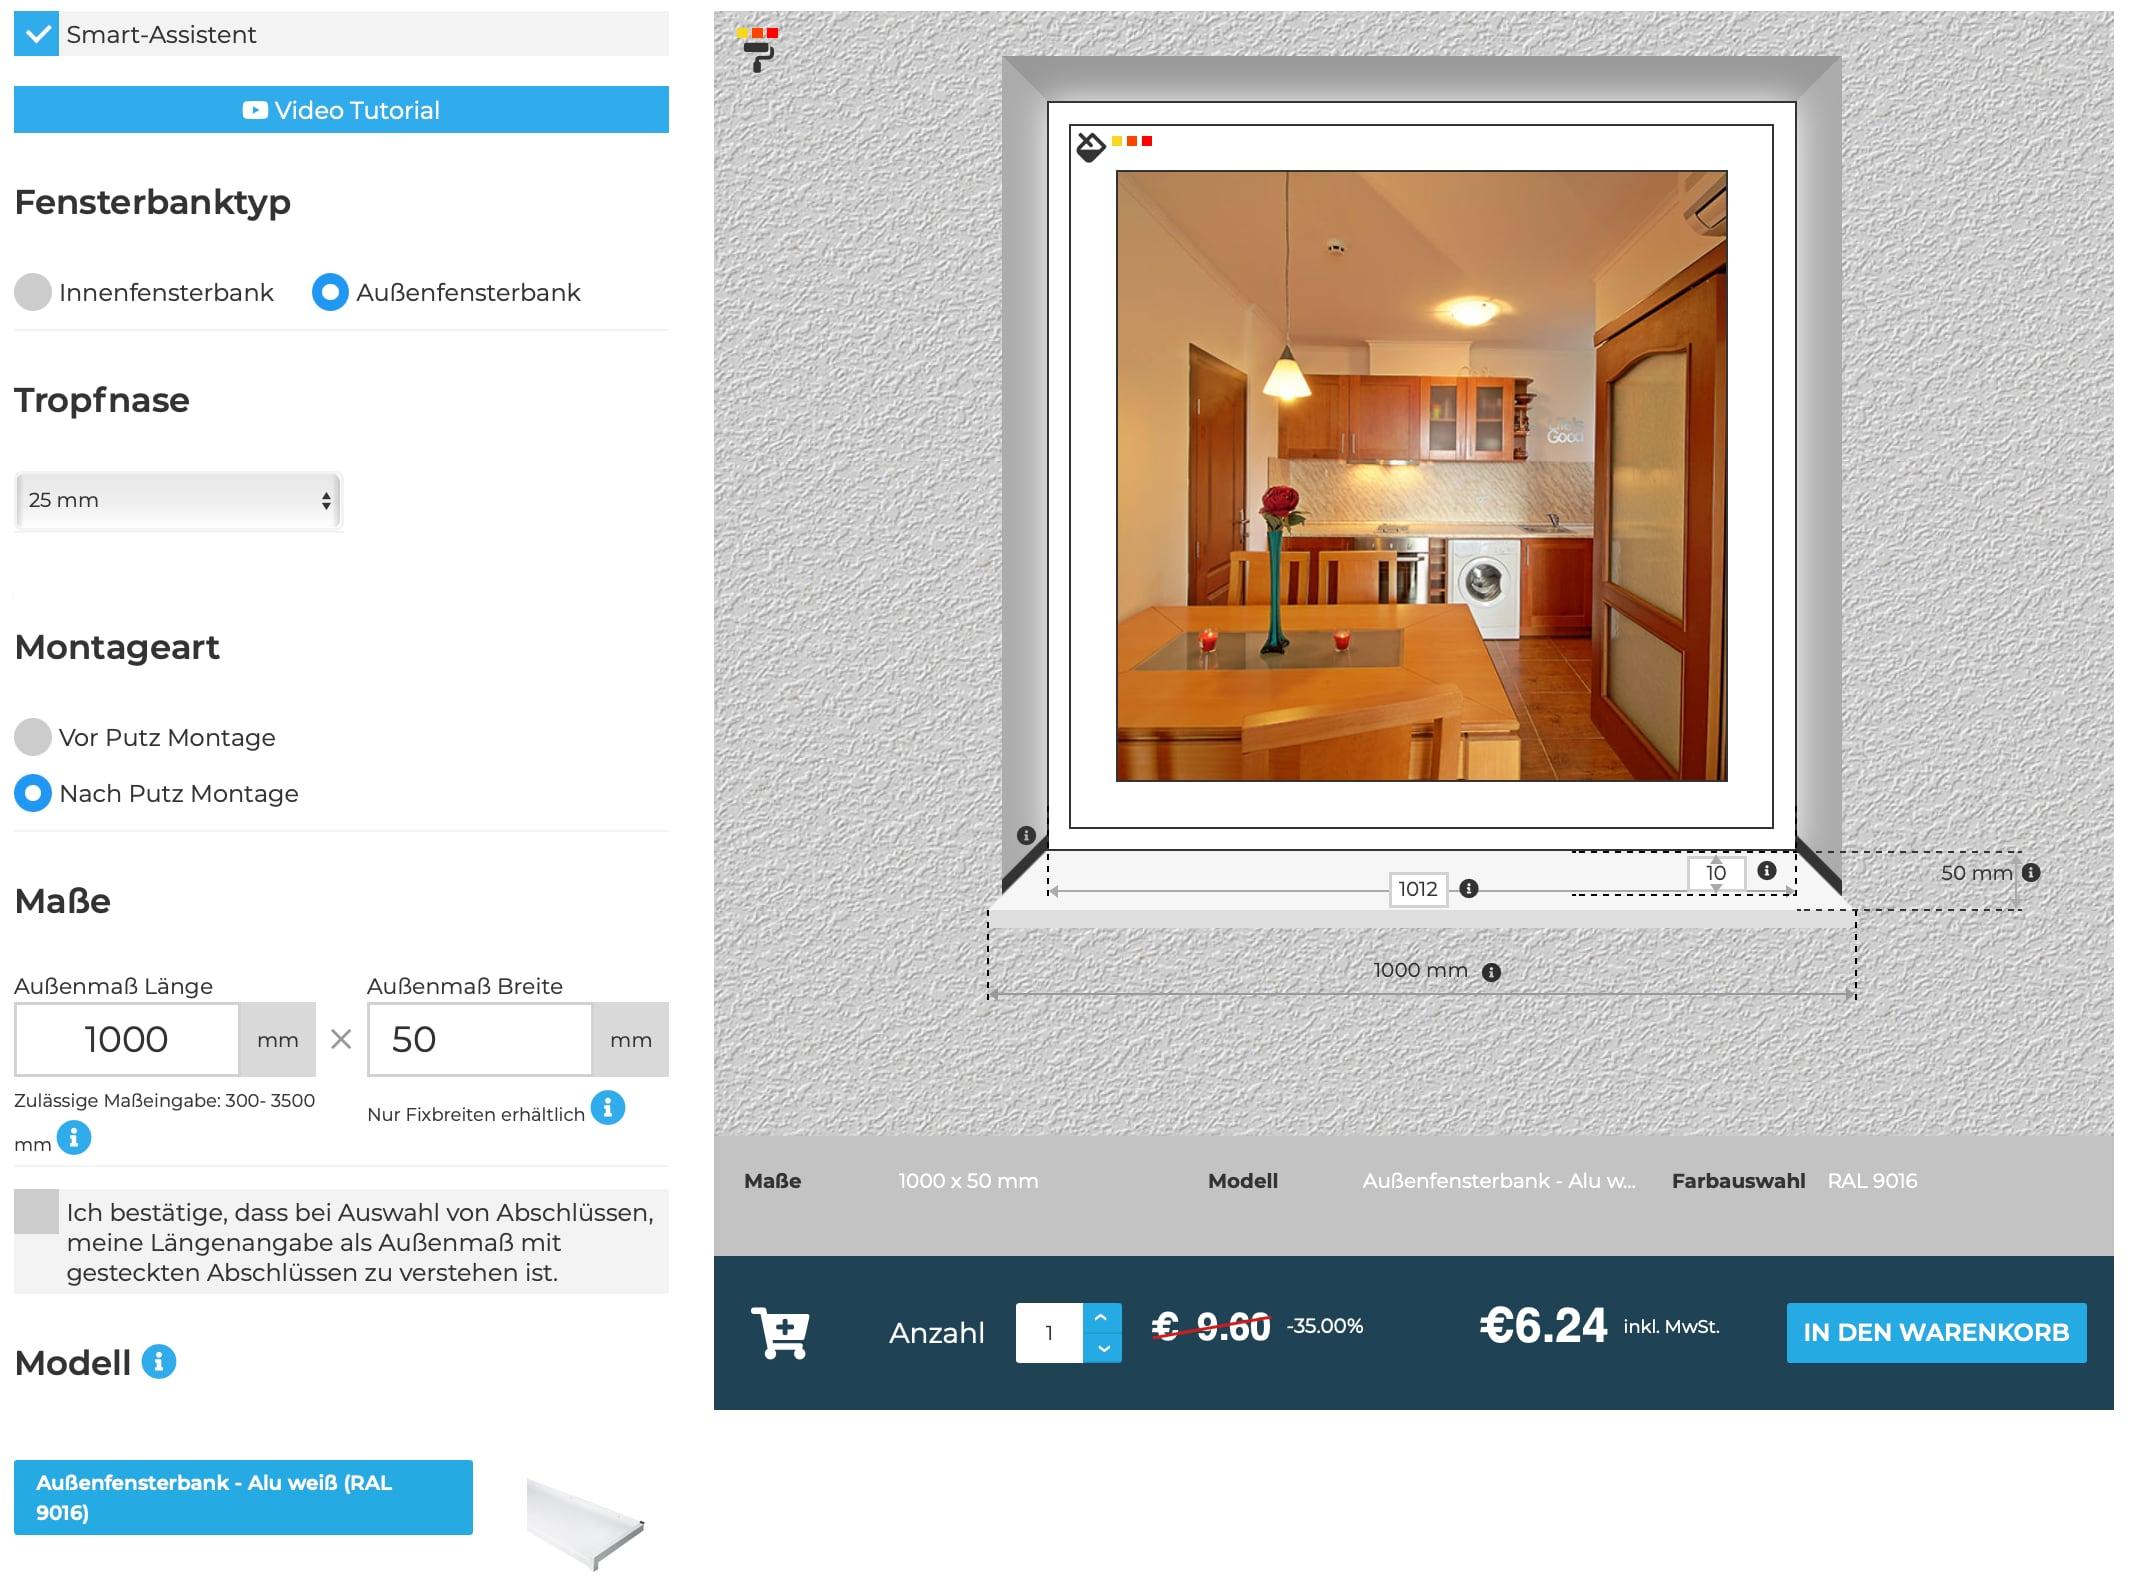 Außenfensterbänke-Online-Konfigurator-Montage-Blende-Tropfnase